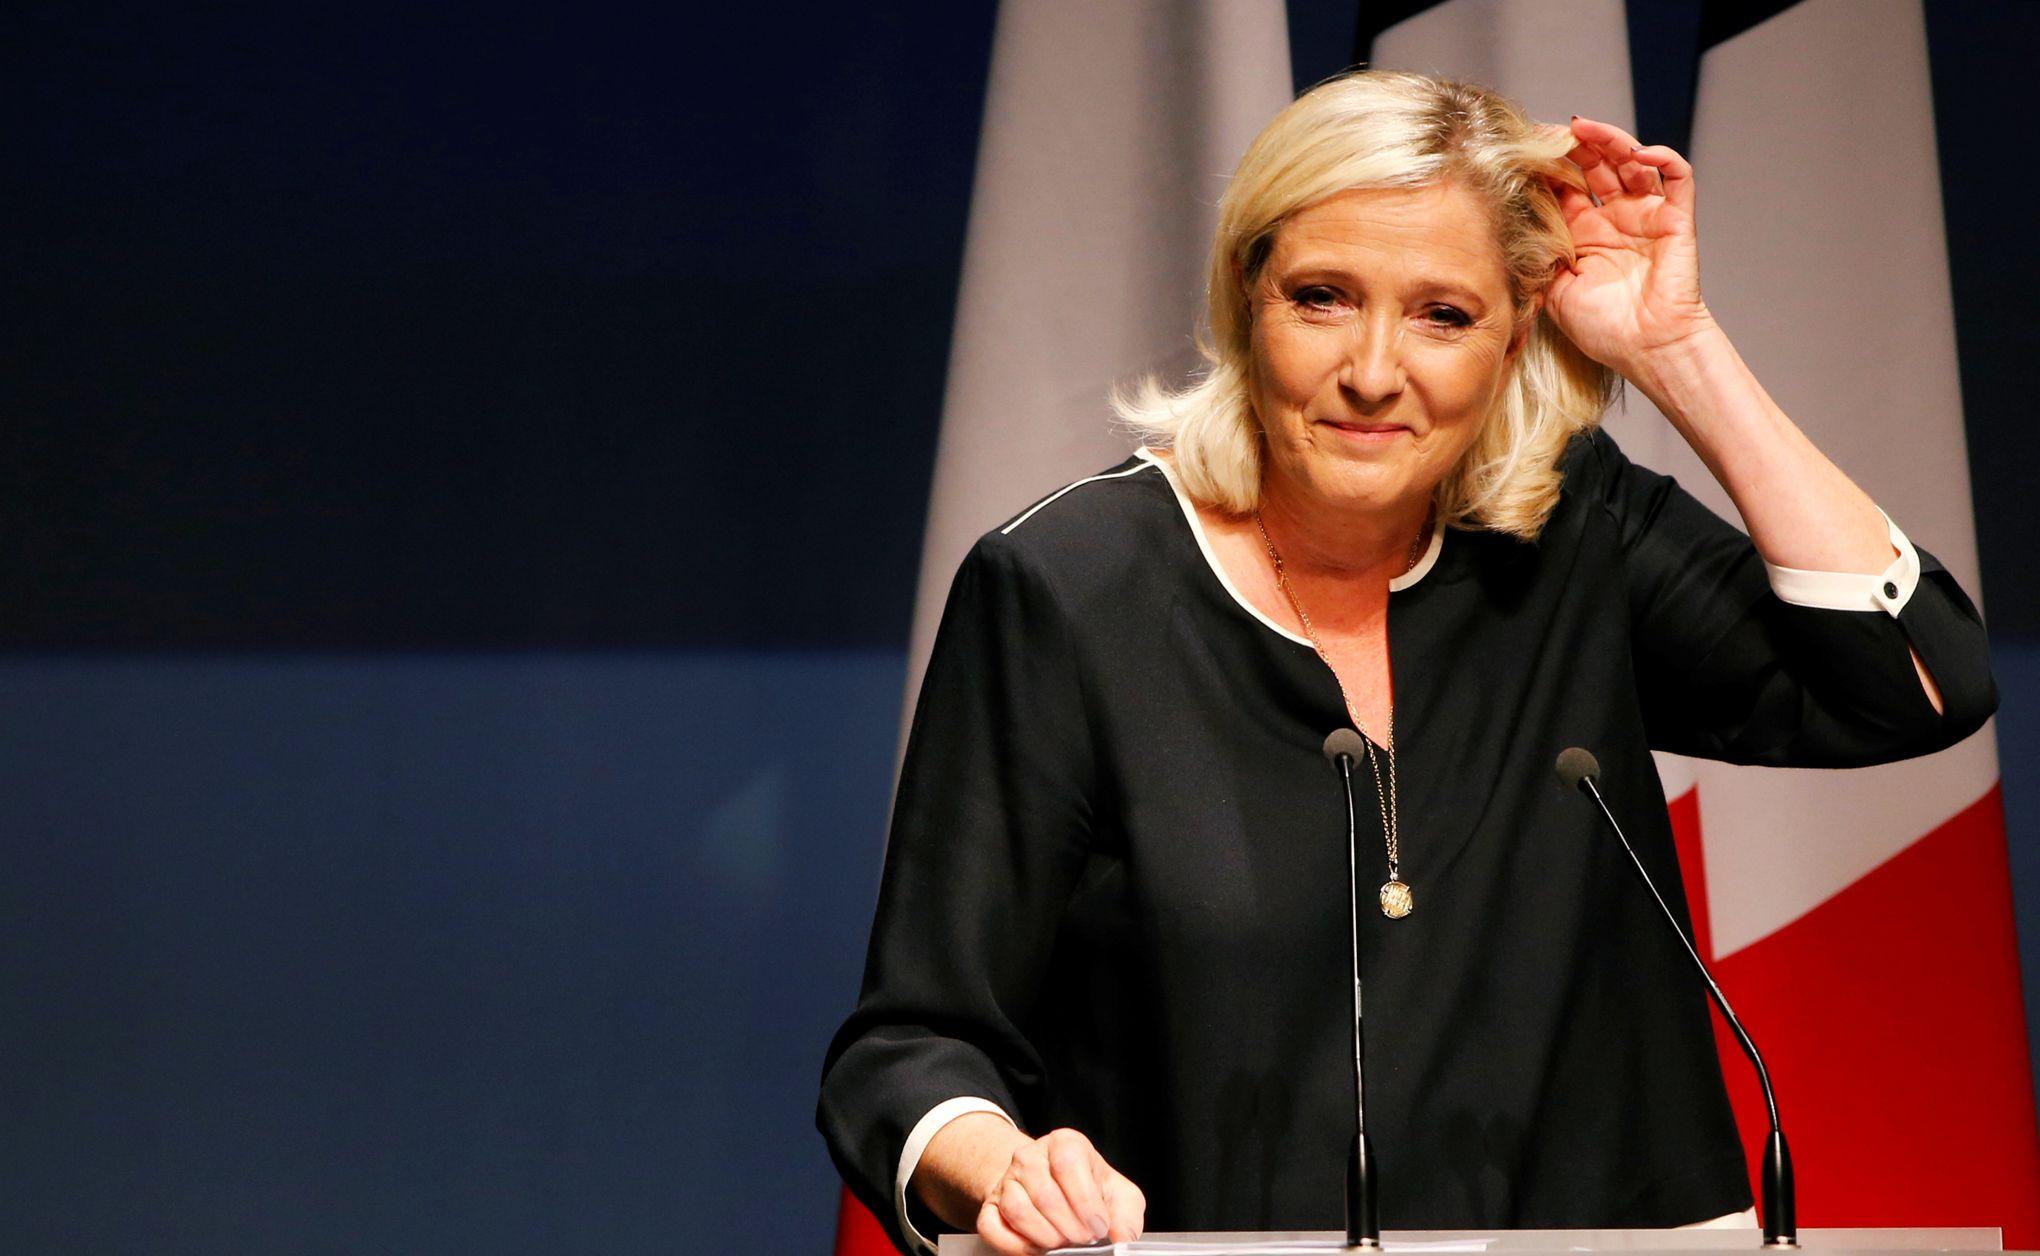 Le RN vise les élections locales, Marine Le Pen la présidentielle